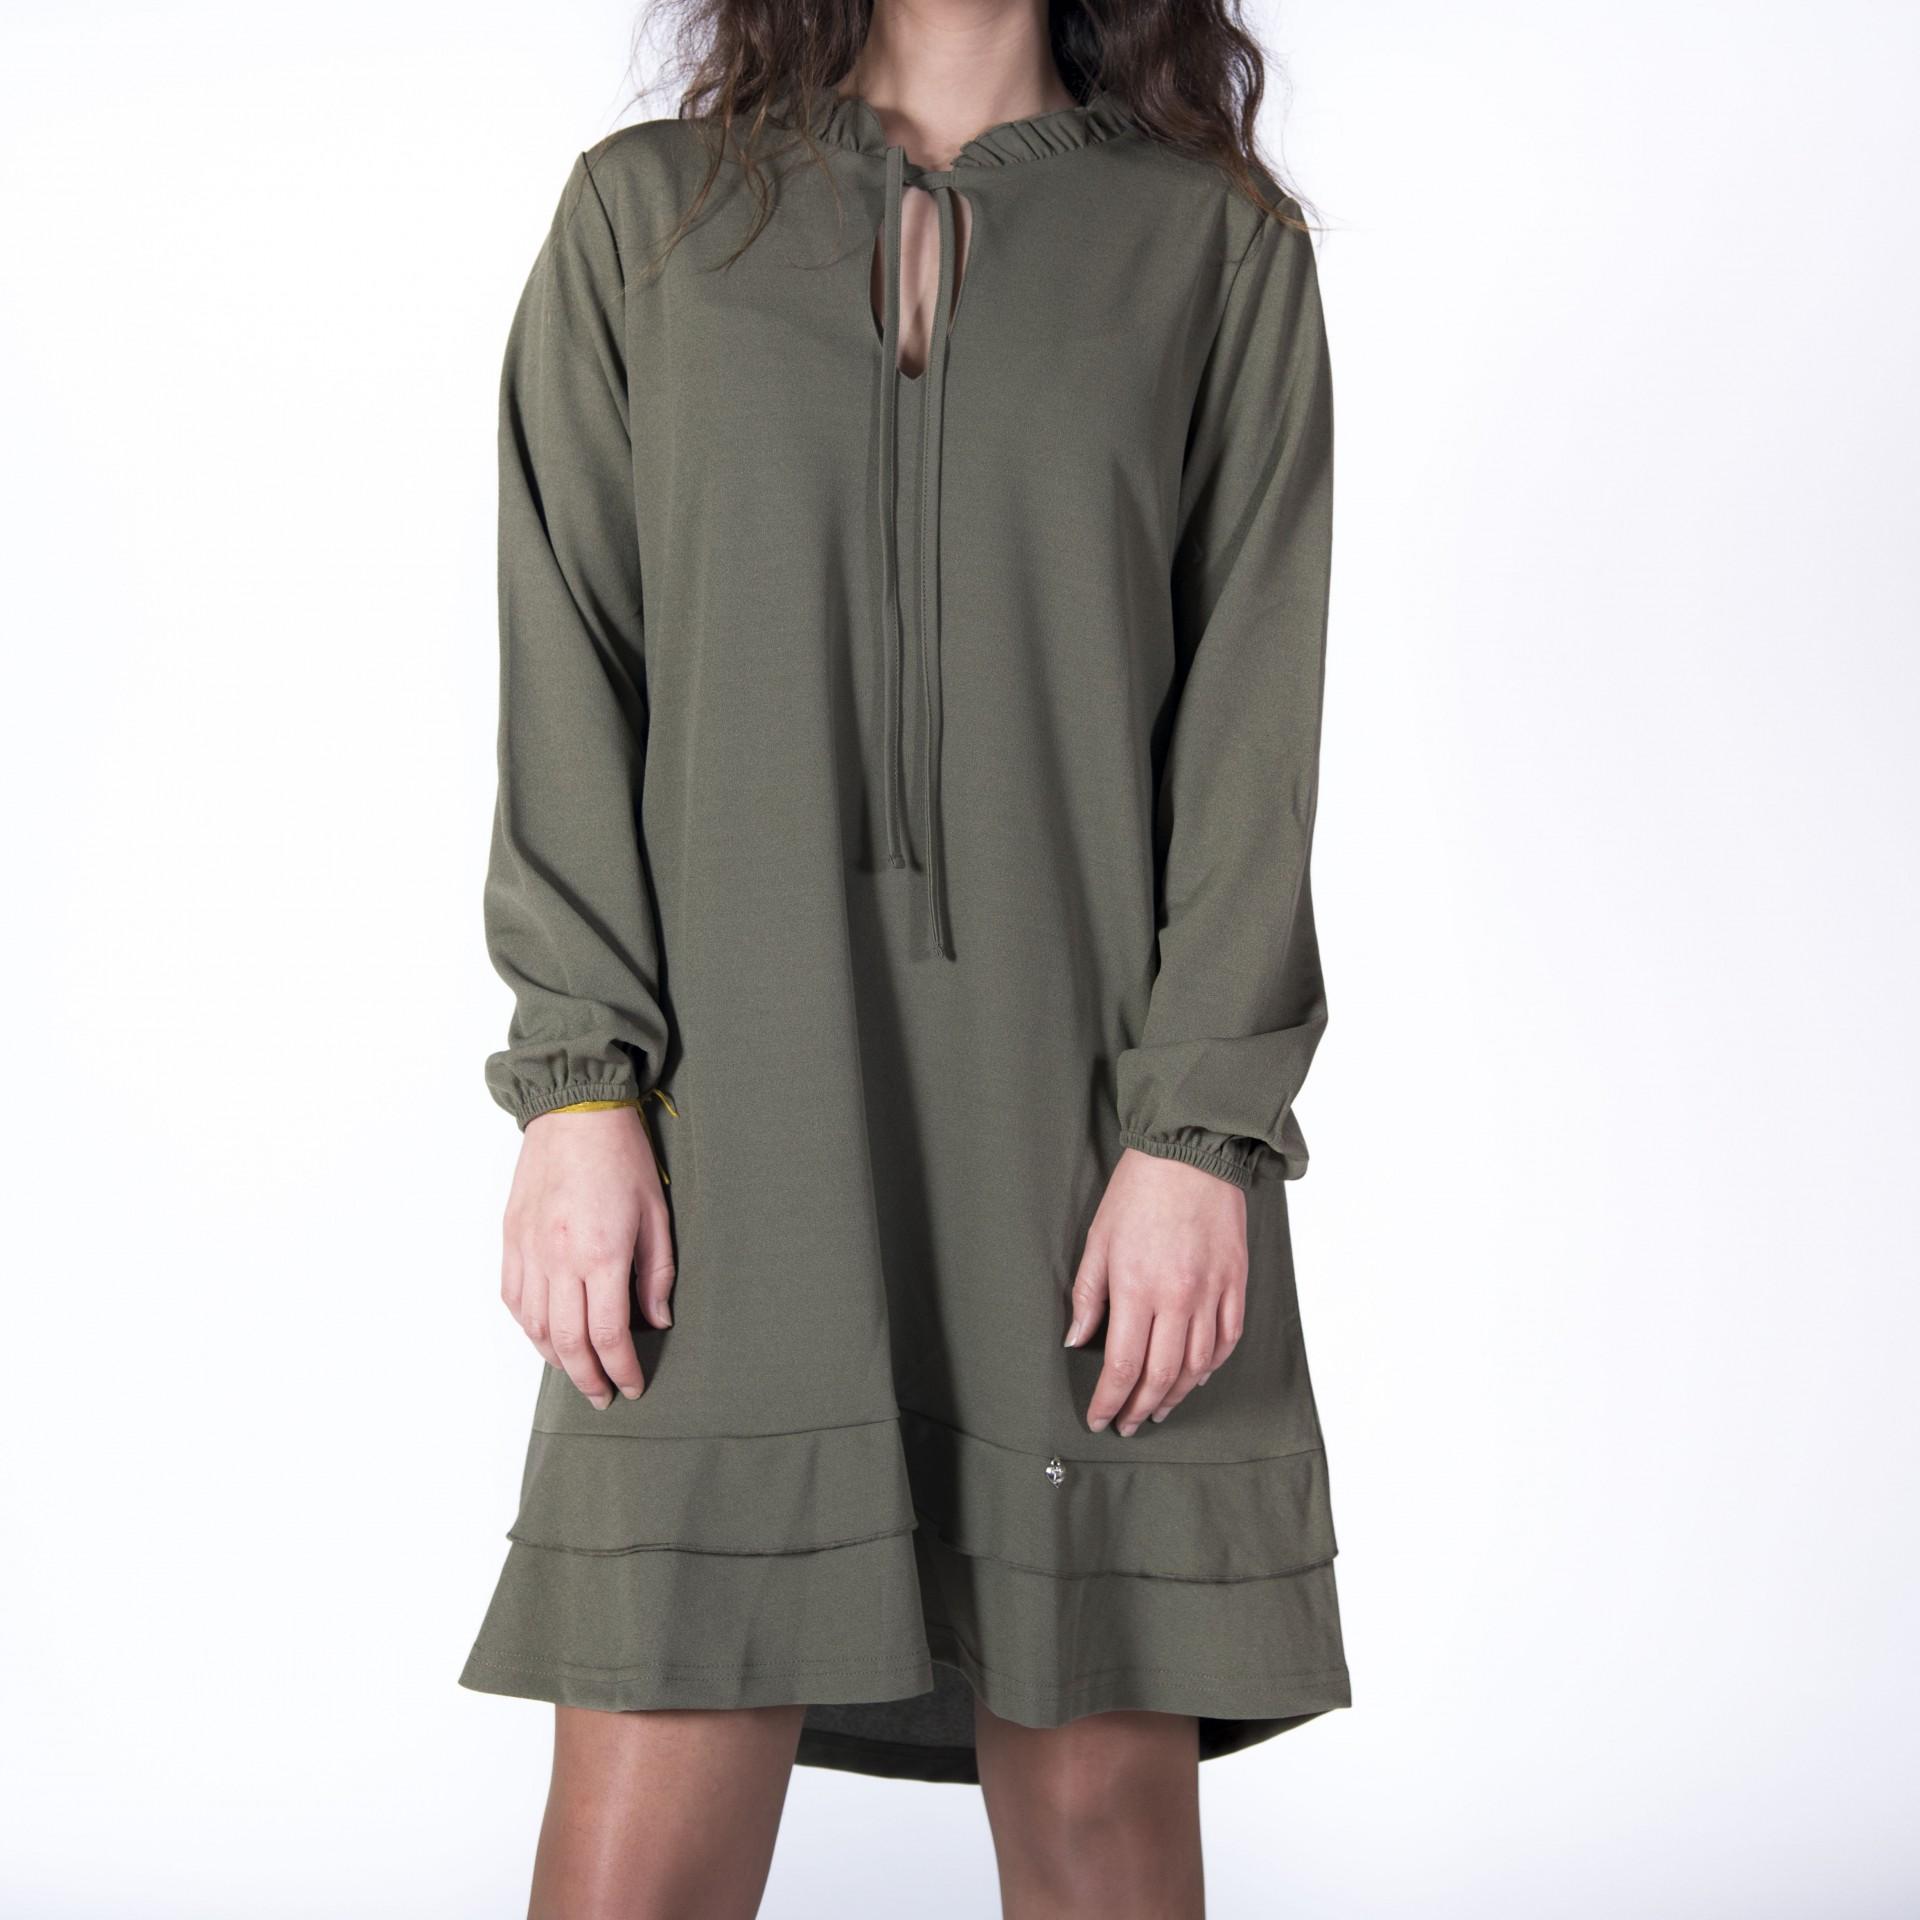 2dac817ca7 Vestido verde seco ...